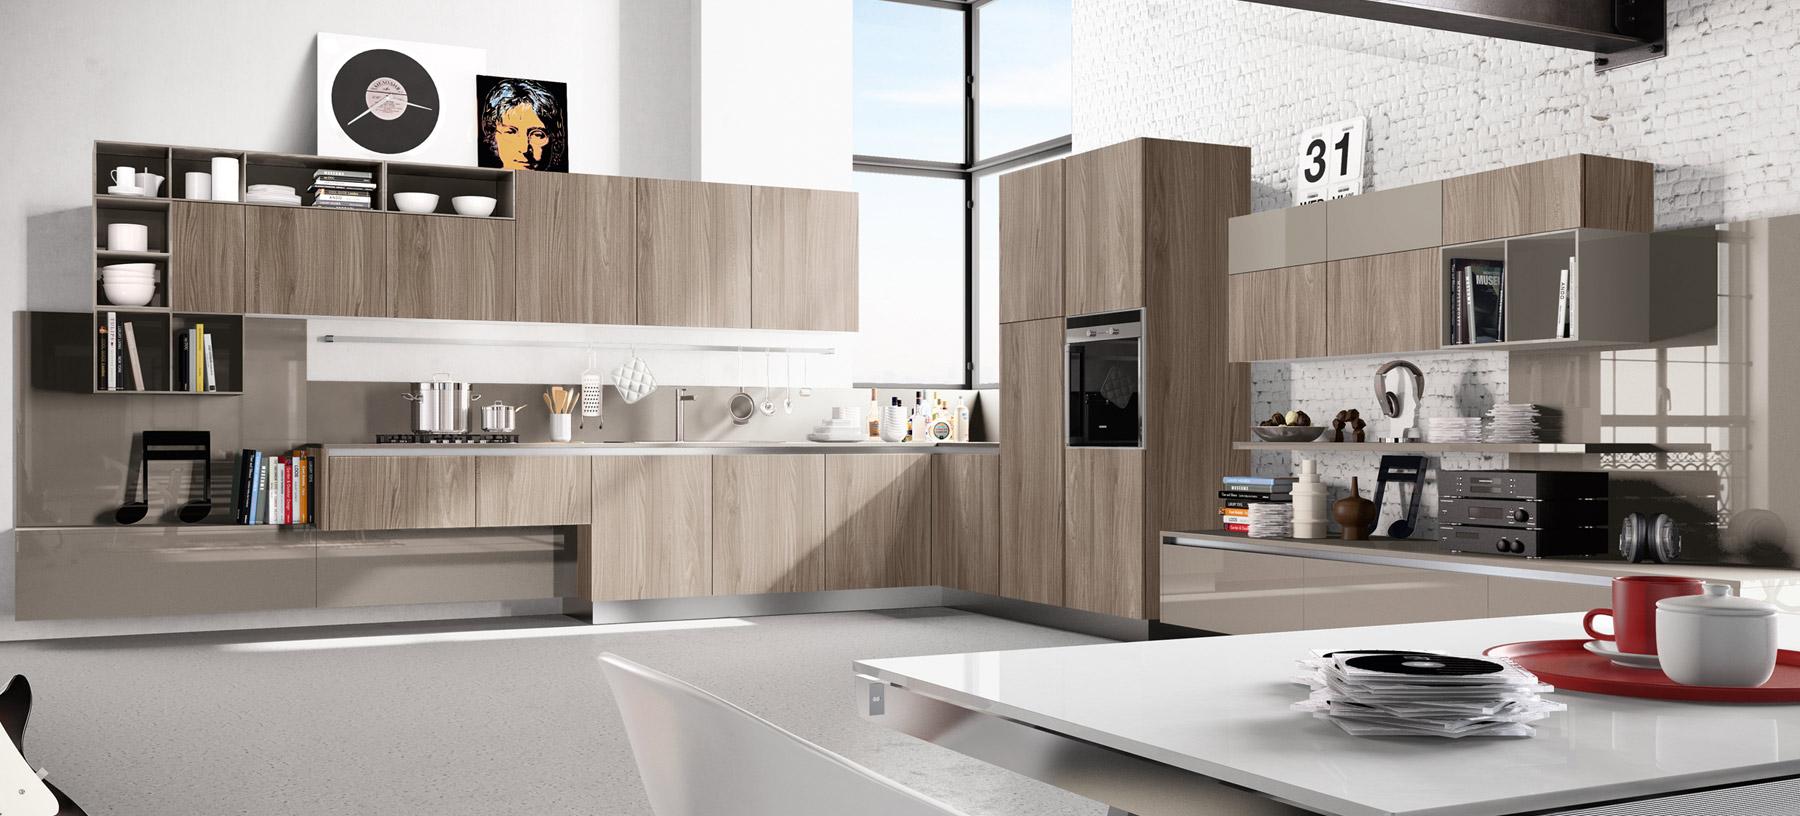 design new kitchen layout cabinets houston designs that pop